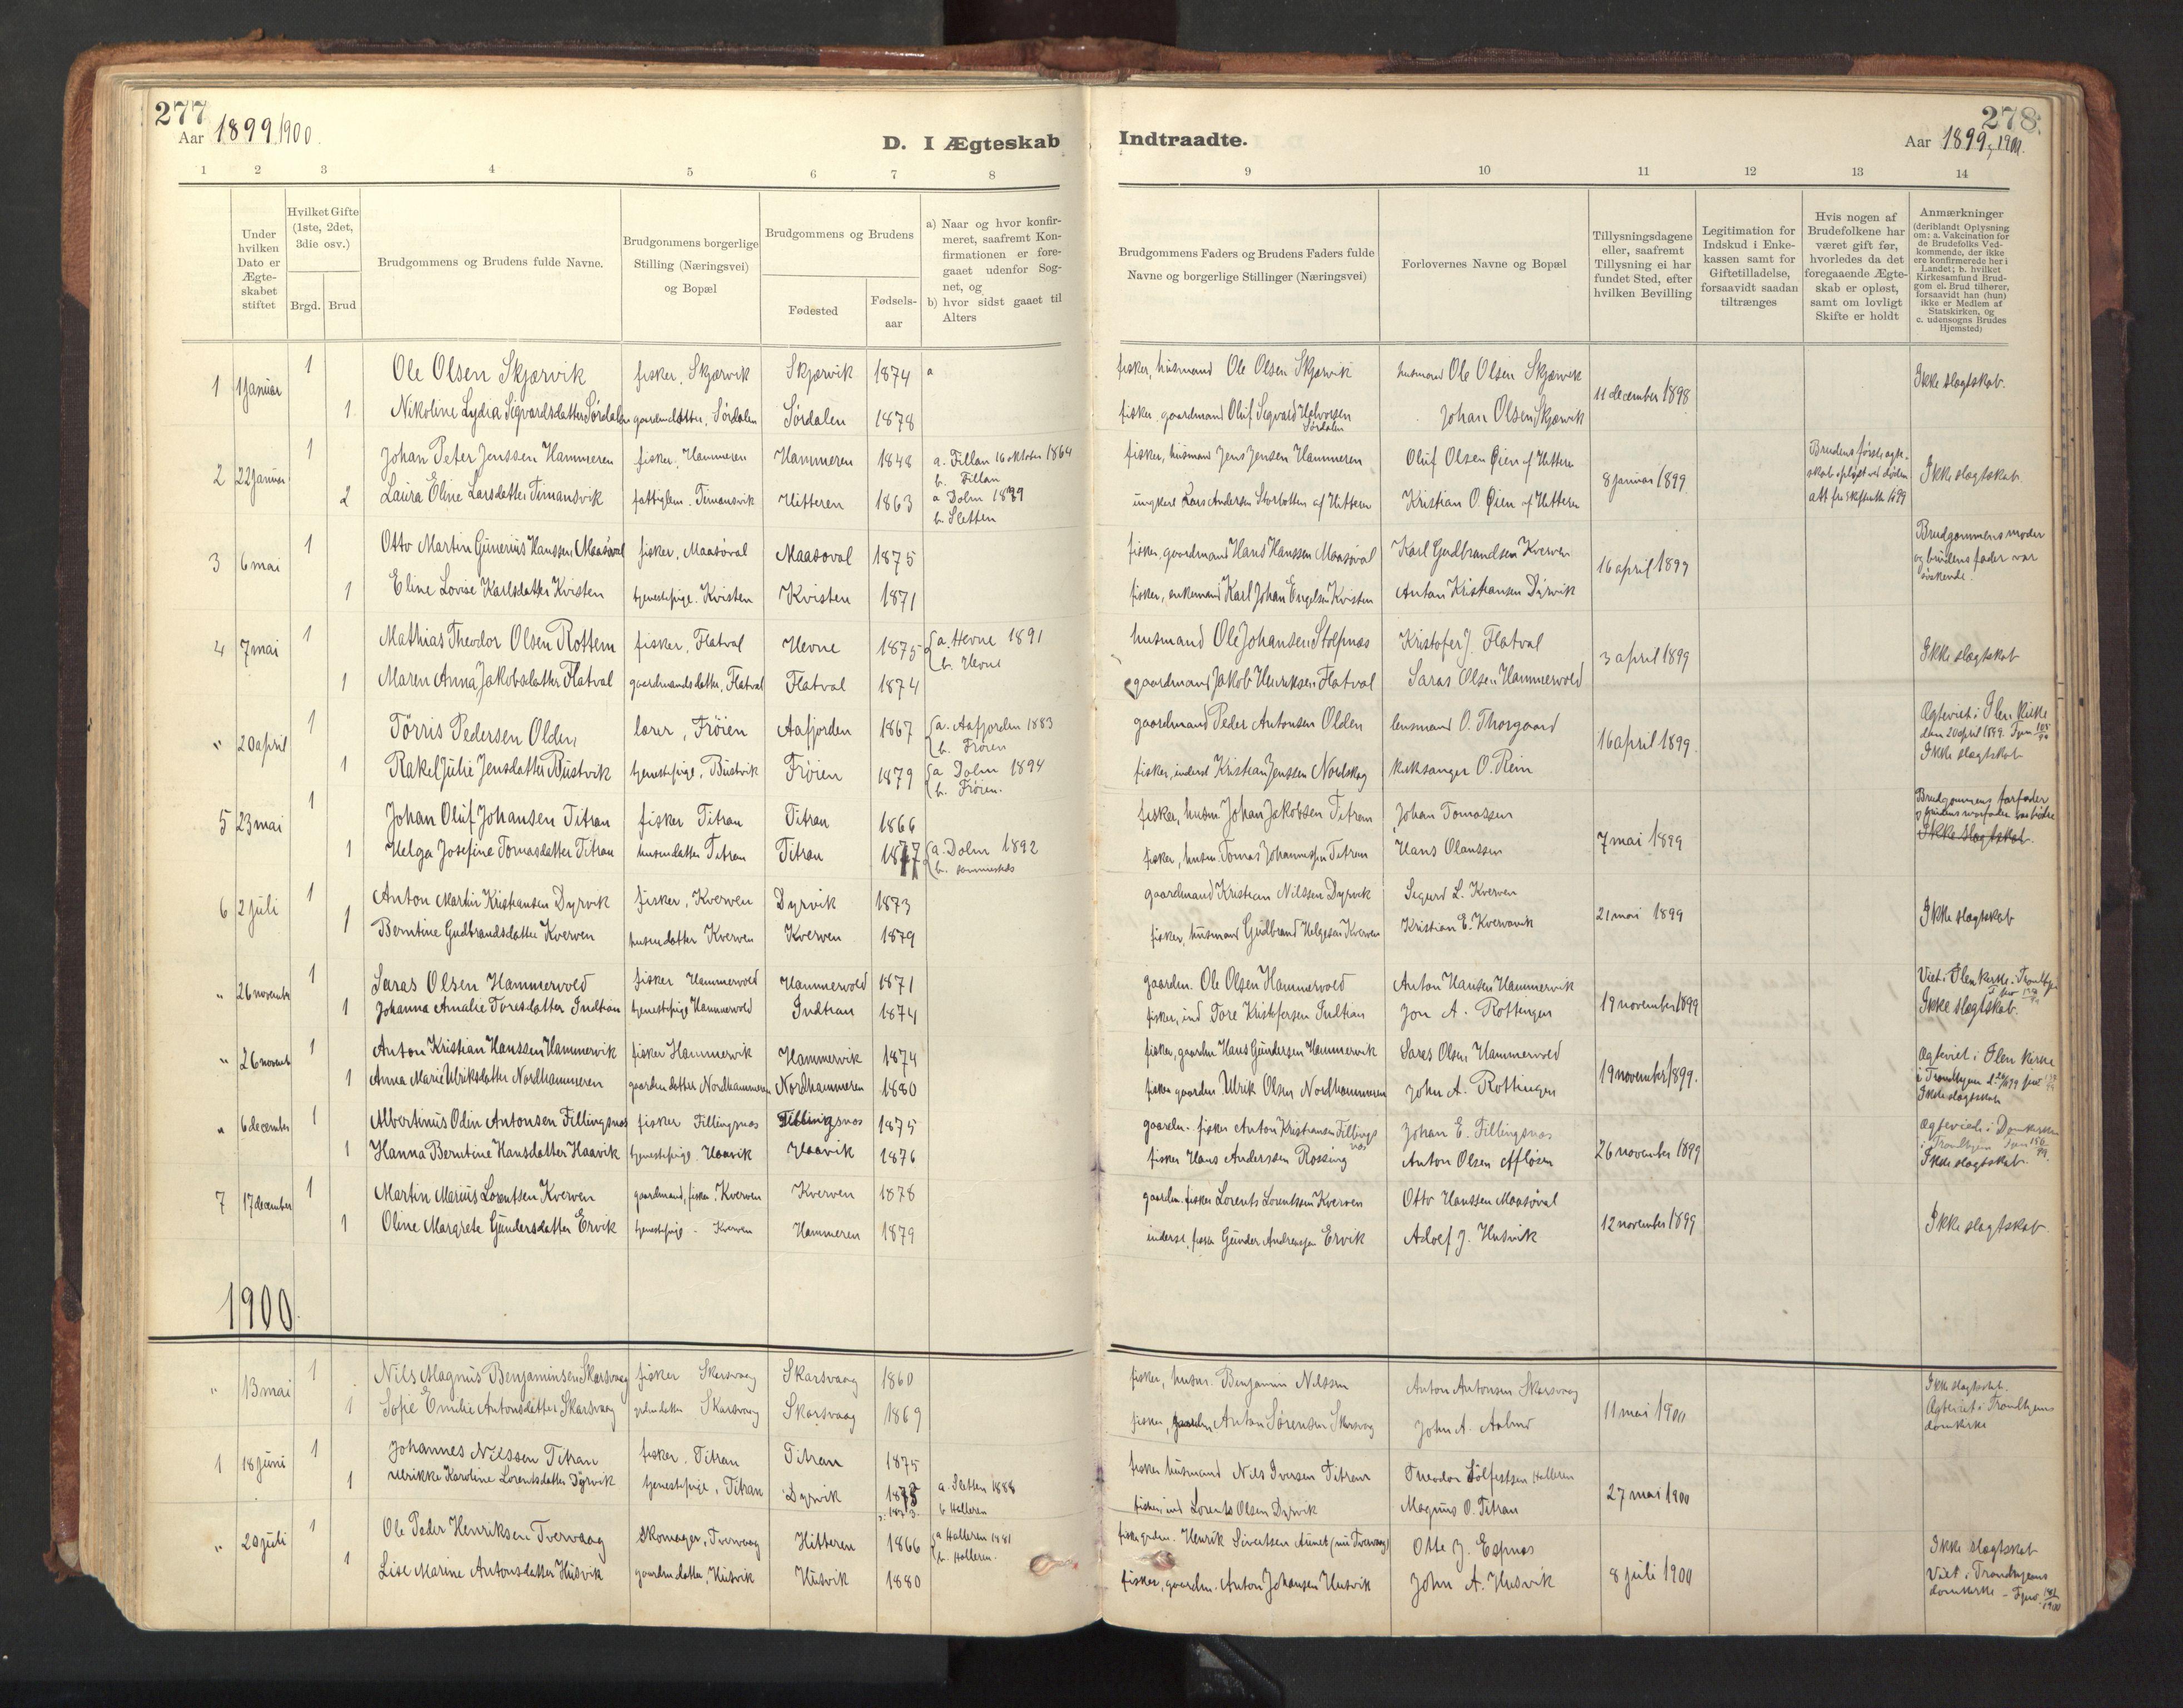 SAT, Ministerialprotokoller, klokkerbøker og fødselsregistre - Sør-Trøndelag, 641/L0596: Ministerialbok nr. 641A02, 1898-1915, s. 277-278